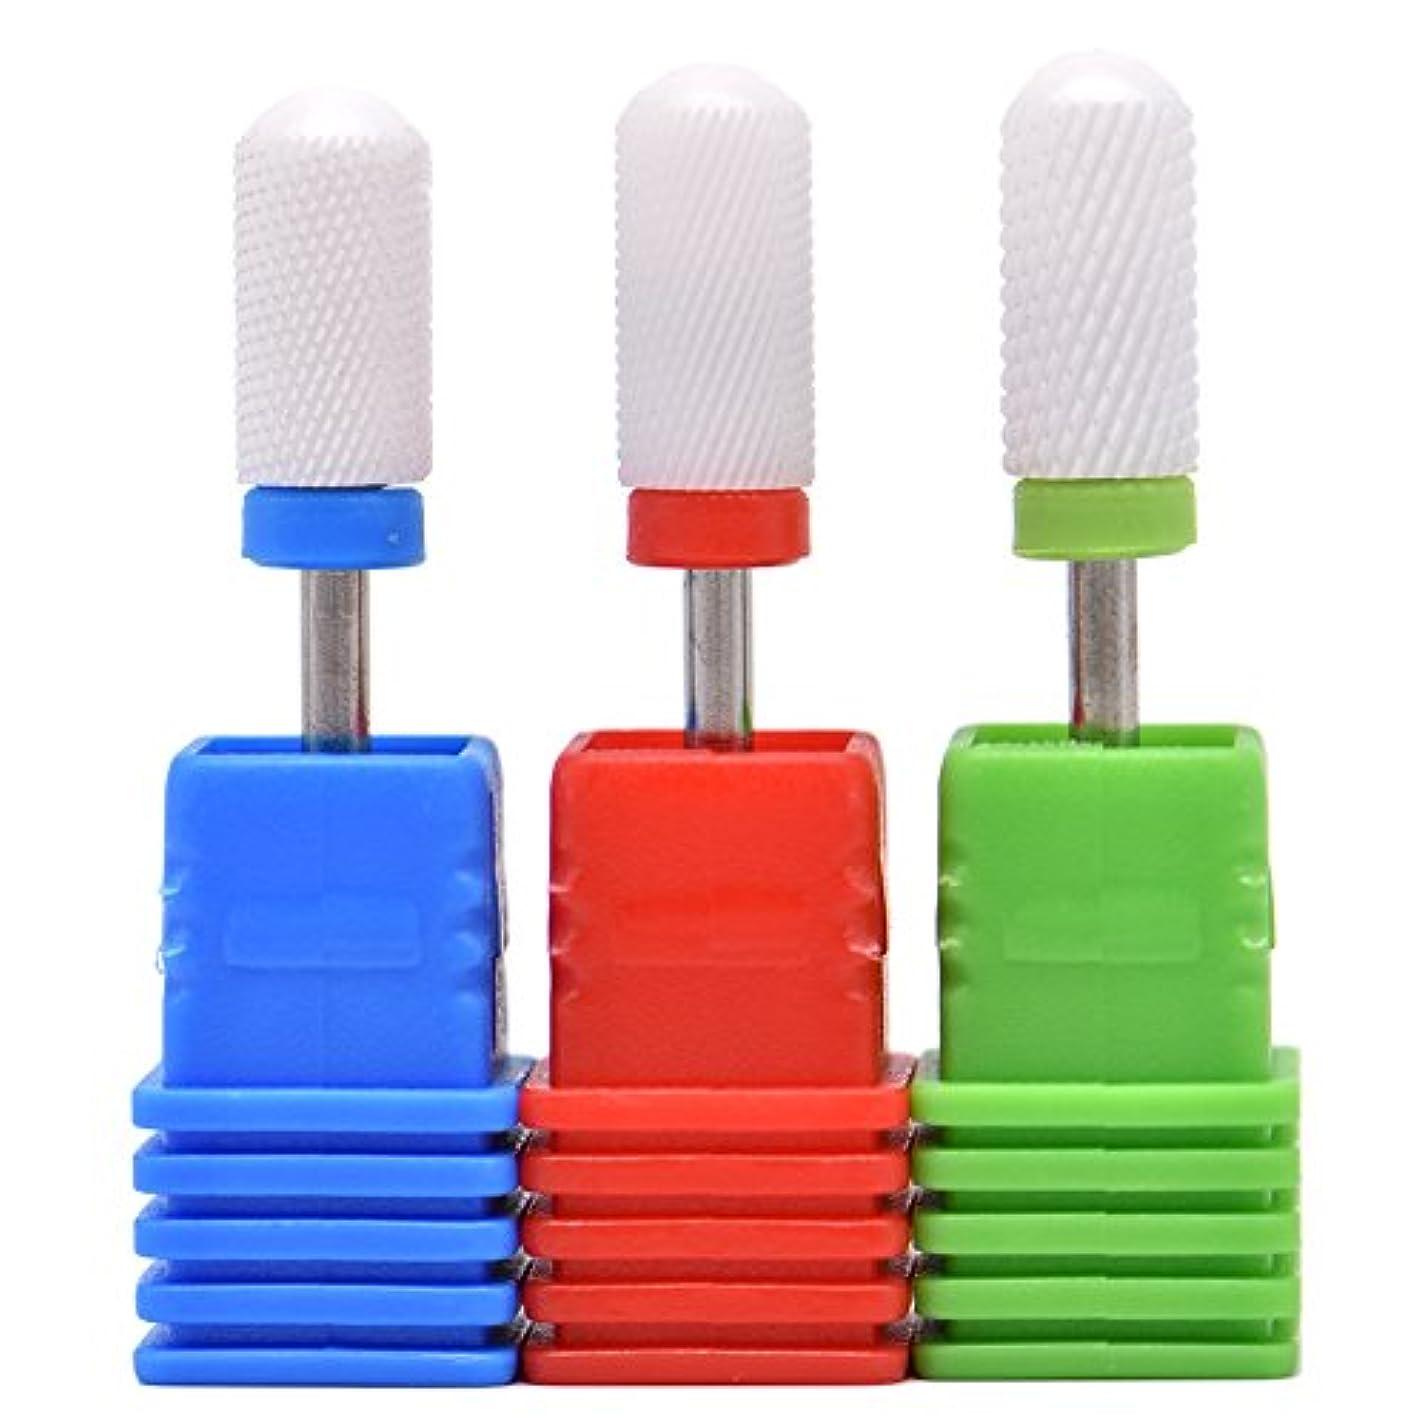 援助するいいね舌Oral Dentistry ネイルアート ドリルビット 丸い 研磨ヘッド ネイル グラインド ヘッド 爪 磨き 研磨 研削 セラミック 全3色 (レッドF(微研削)+グリーンC(粗研削)+ブルーM(中仕上げ))